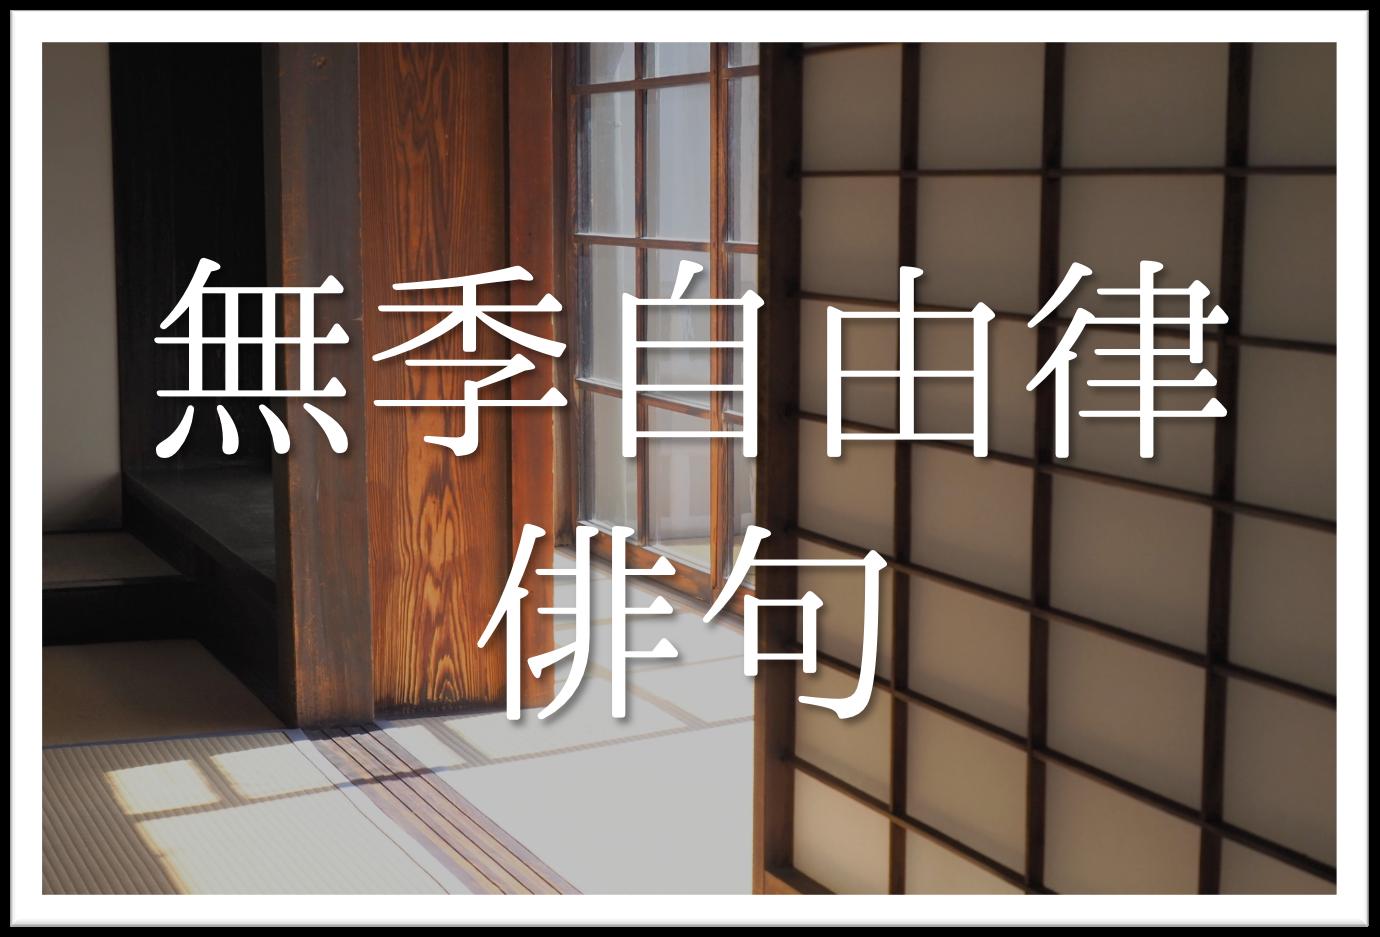 【無季自由律俳句 20選】知っておきたい!!おすすめの有名俳句を紹介!